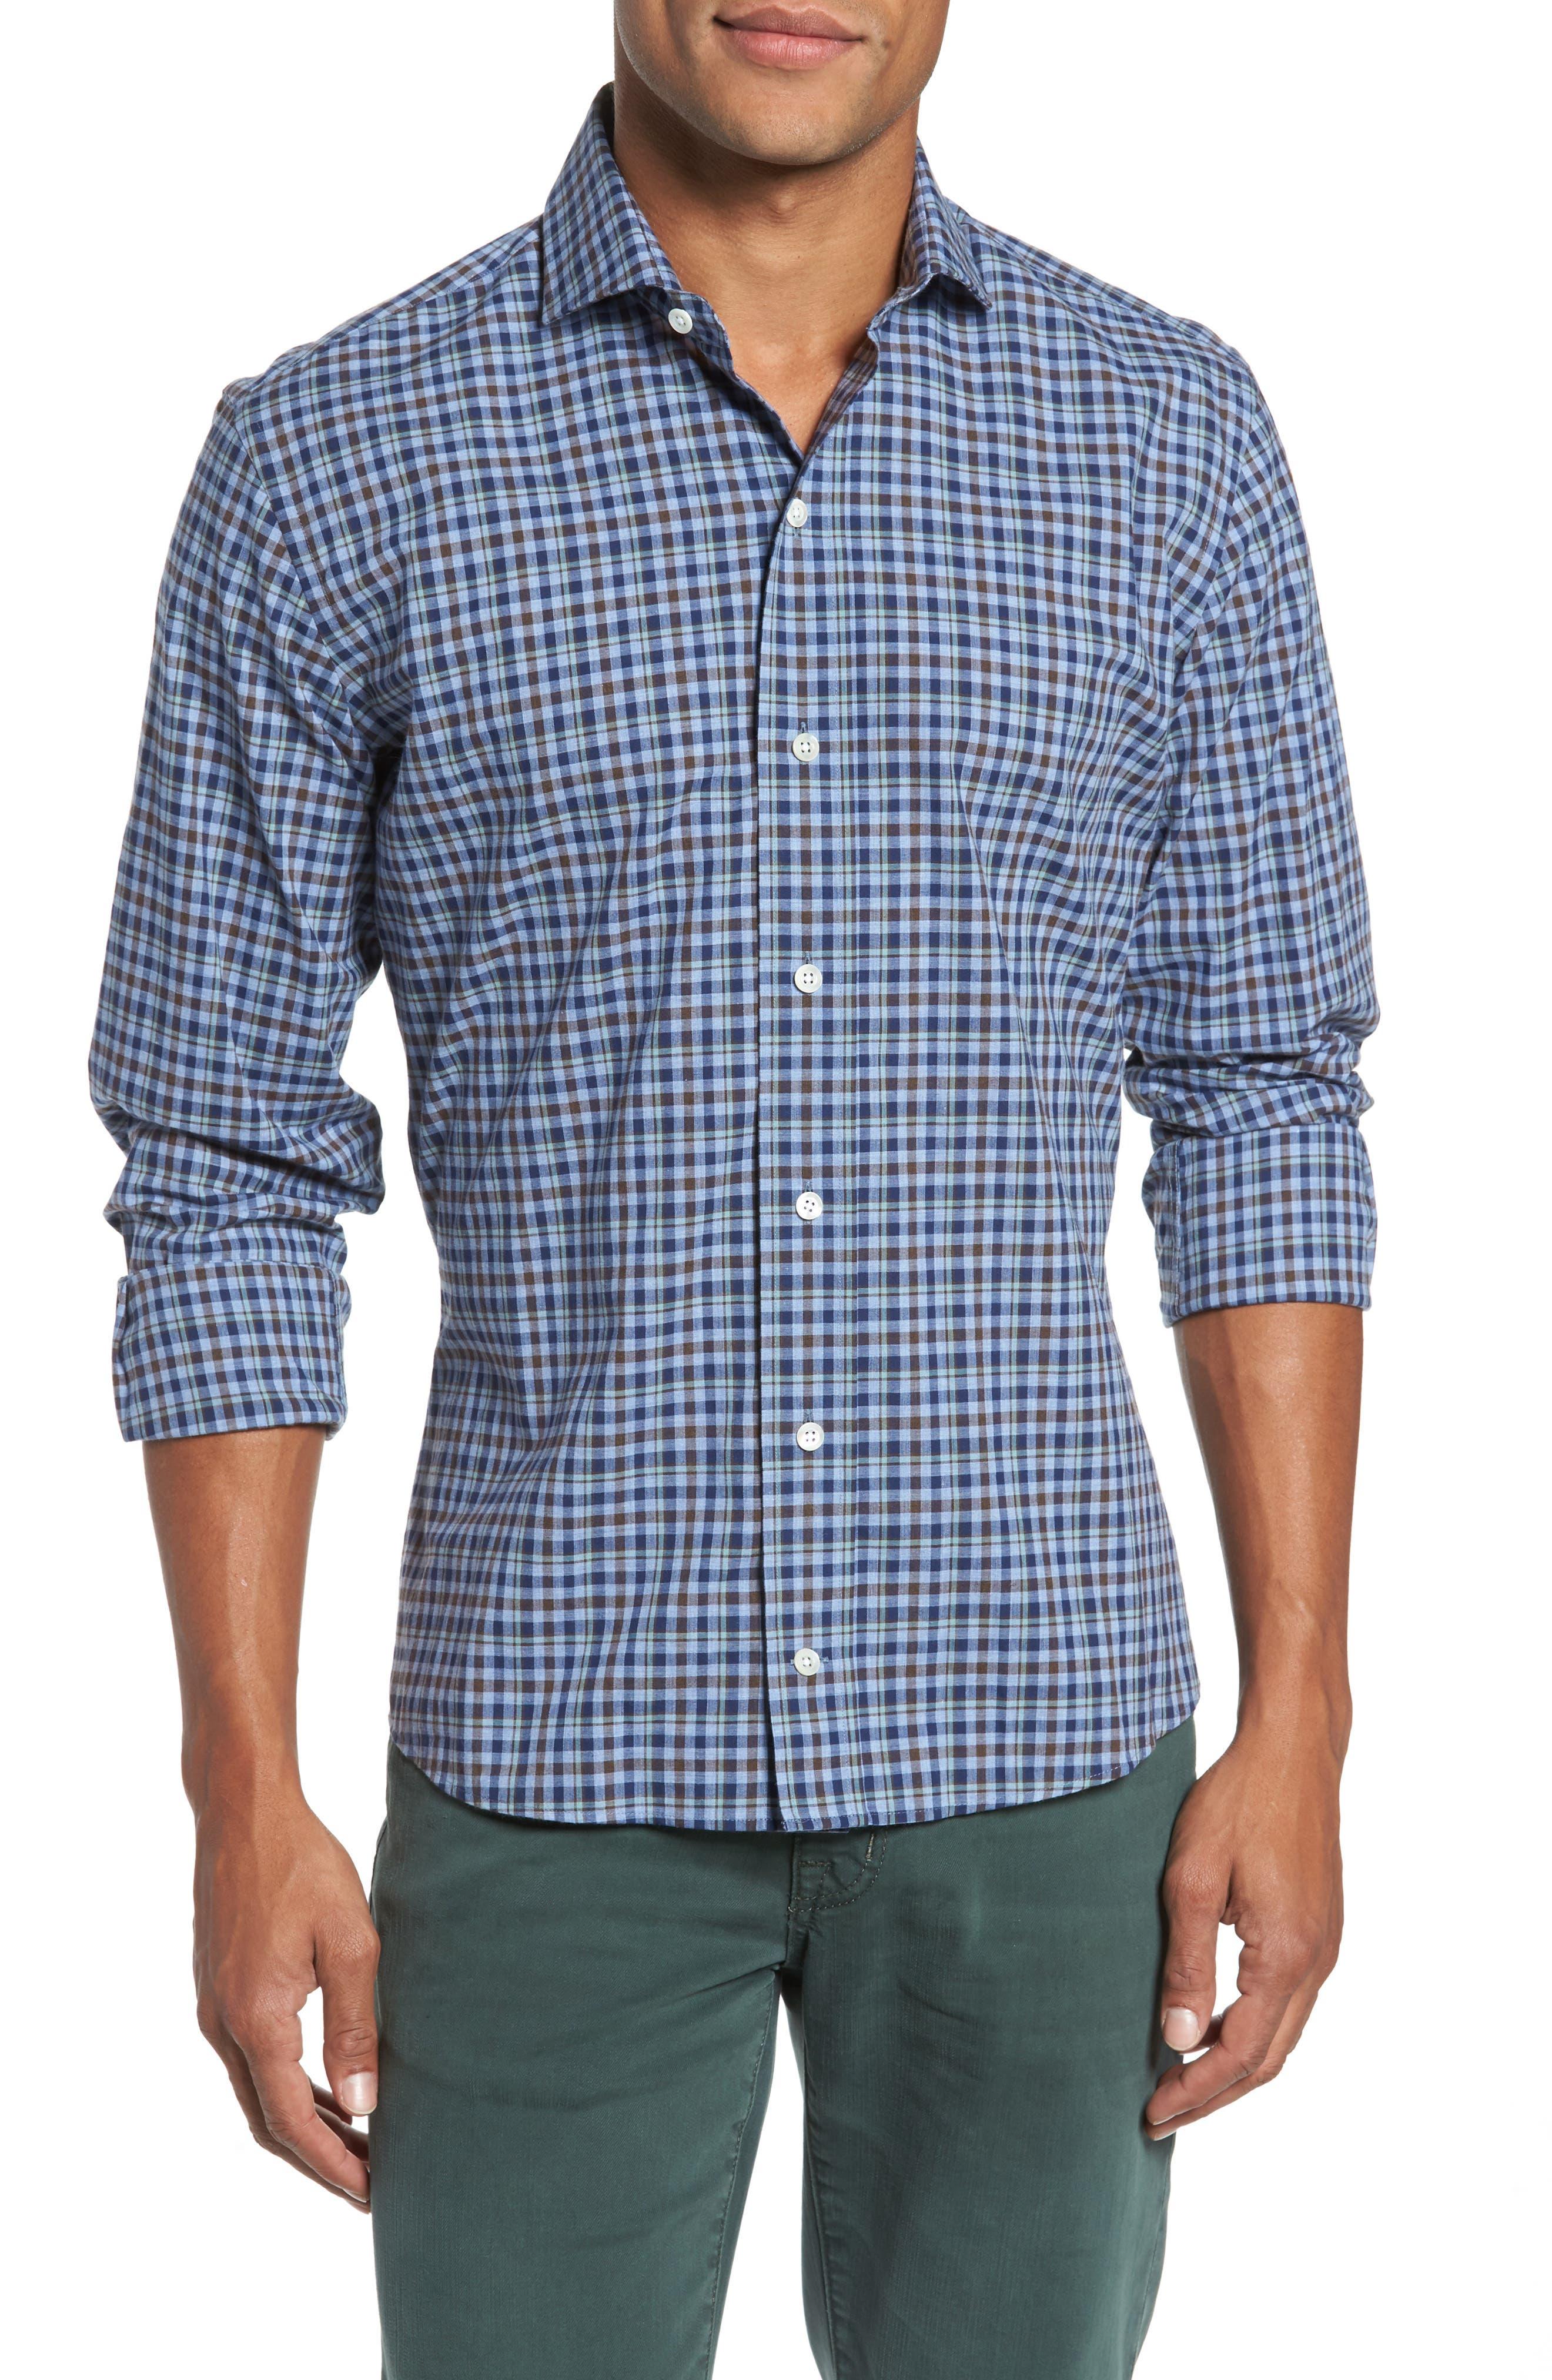 Alden Slim Fit Plaid Sport Shirt,                         Main,                         color, 400